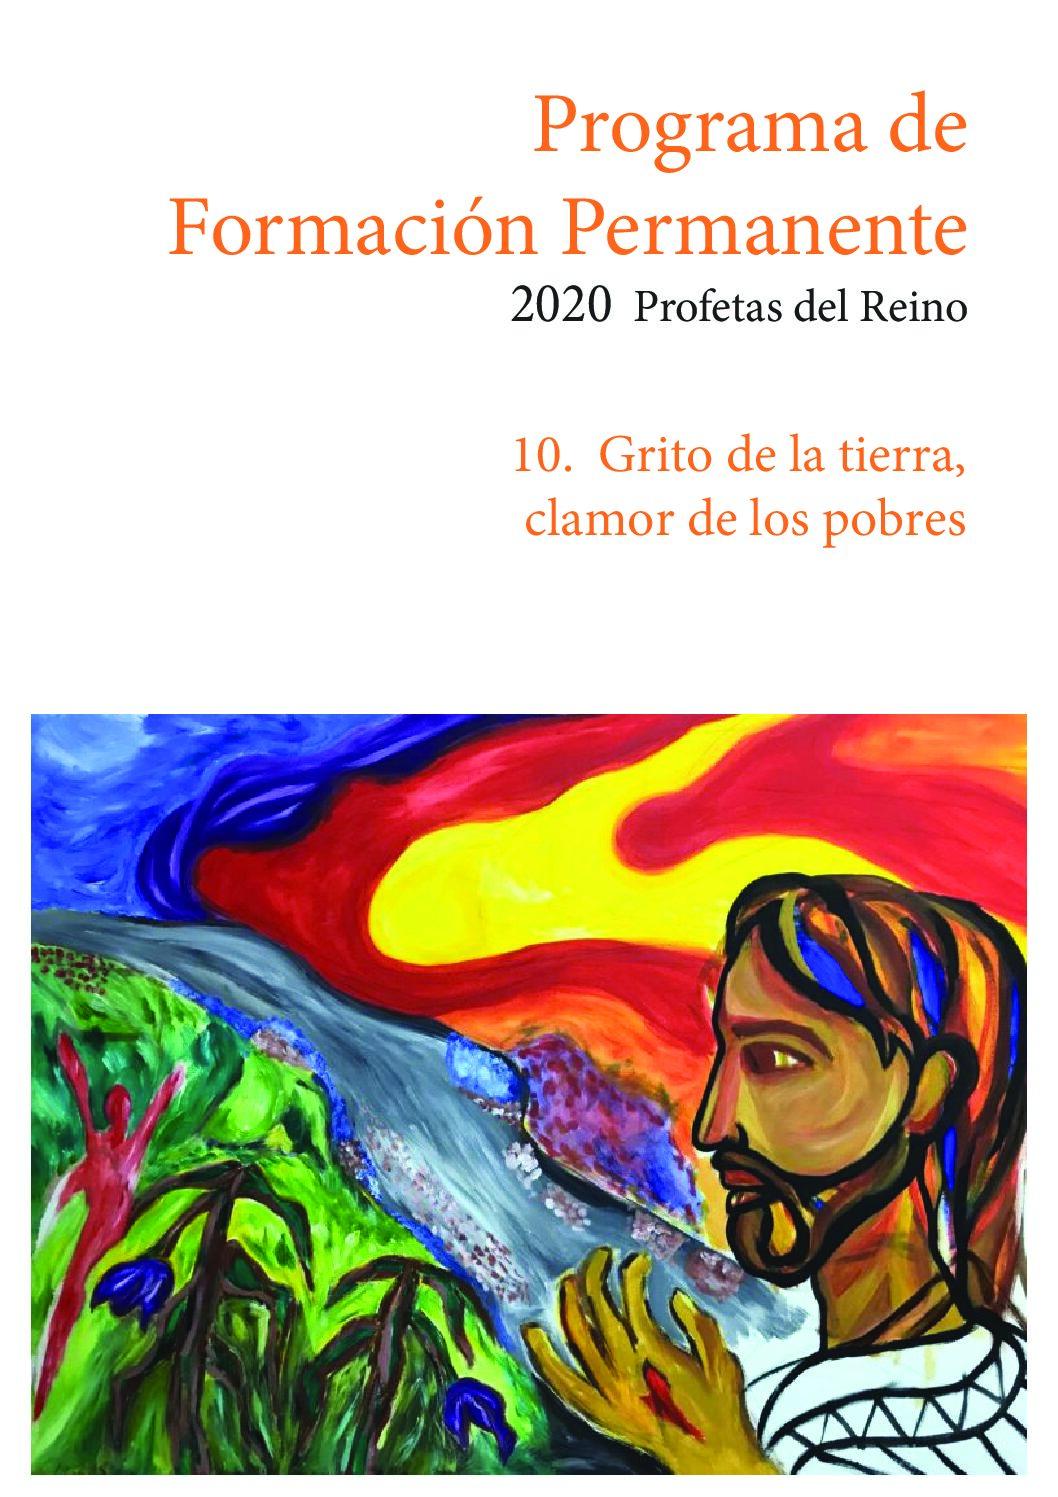 10-Grito-de-la-tierra-clamor-de-los-pobres-pdf1.jpg